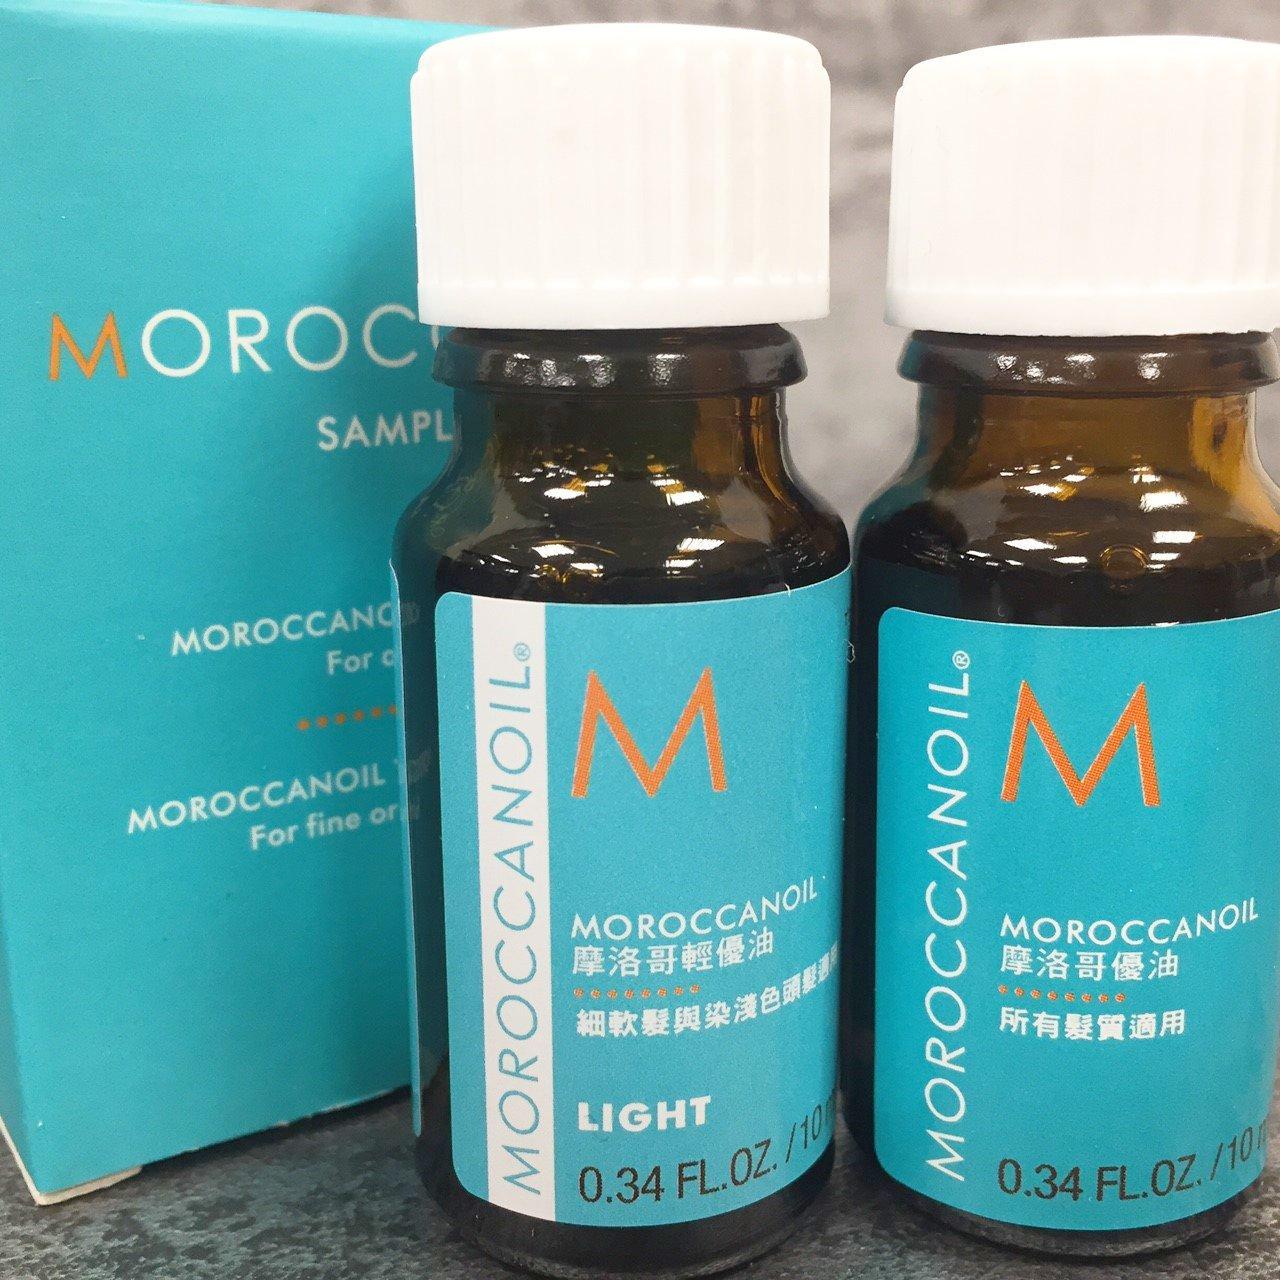 公司貨 旅行組 摩洛哥優油 10ml+10ml 清爽型 一般型 MoroccanOil 護髮油◐香水綁馬尾◐ 1